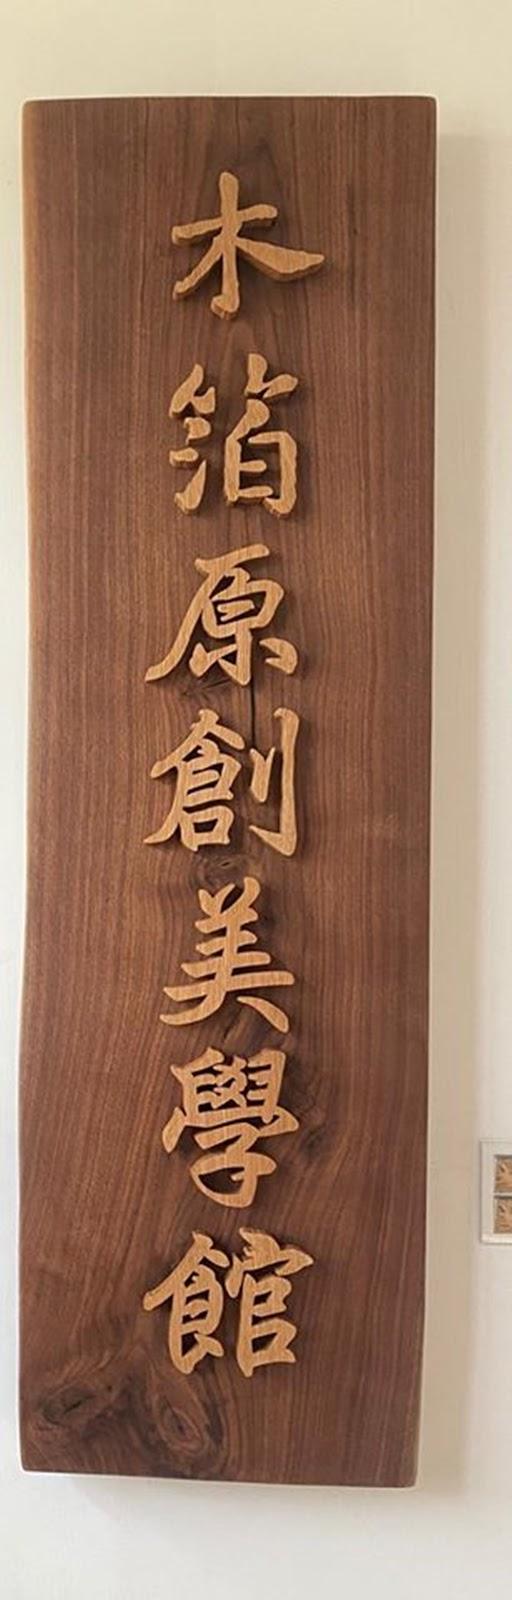 木箔,心意,淬鍊